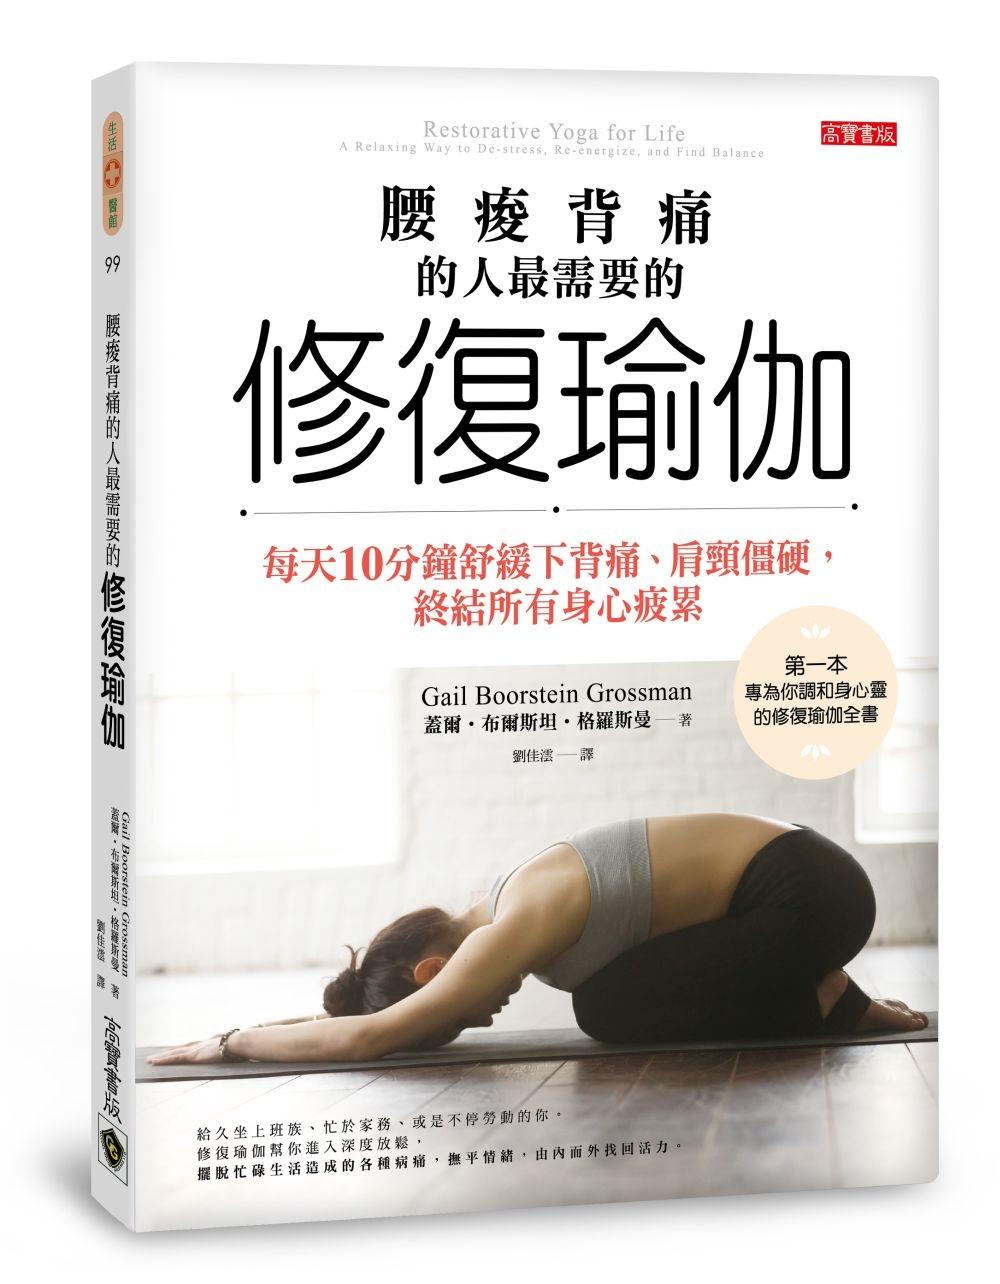 ◤博客來BOOKS◢ 暢銷書榜《推薦》腰痠背痛的人最需要的「修復瑜伽」:每天10分鐘舒緩下背痛、肩頸僵硬,終結所有身心疲累